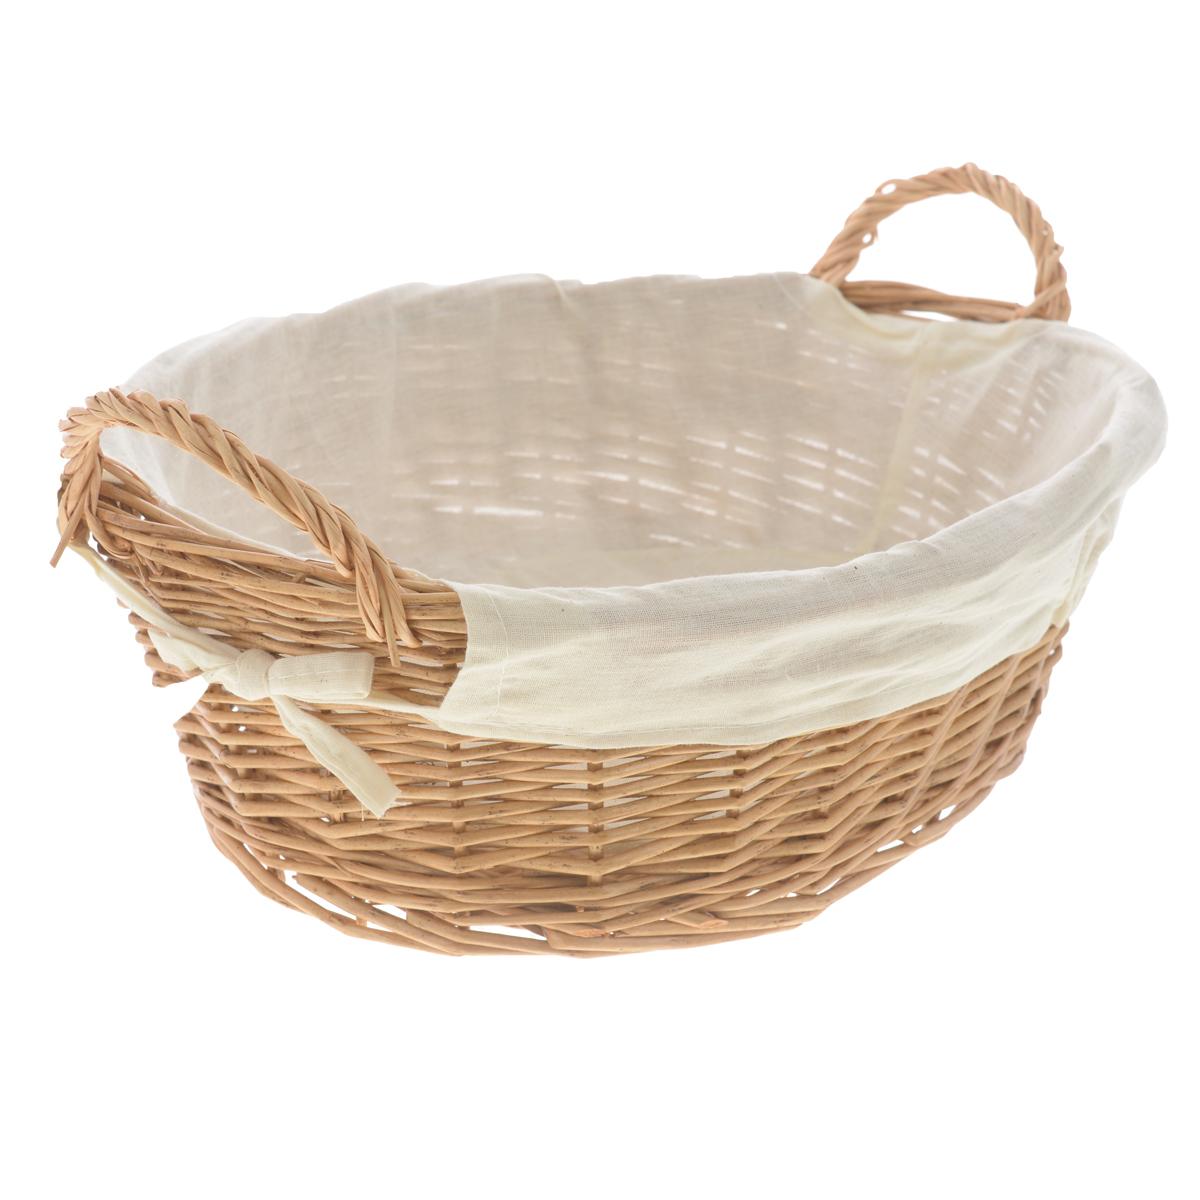 Корзина Zeller, 34 см х 26 см х 11 смU210DFОвальная корзина Zeller изготовлена из натурального плетеного волокна и декорирована текстилем. Она предназначена для хранения хлеба, а также мелочей дома или на даче. Позволяет хранить мелкие вещи, исключая возможность их потери. Изделие оснащено удобными ручками.Корзина очень вместительная. Элегантный выдержанный дизайн позволяет органично вписаться в ваш интерьер и стать его элементом.Материал: натуральное волокно, текстиль.Размер корзины по верхнему краю (без учета ручек): 34 см х 26 см.Размер корзины по верхнему краю (с учетом ручек): 38 см х 26 см.Высота корзины (без учета ручек): 11 см.